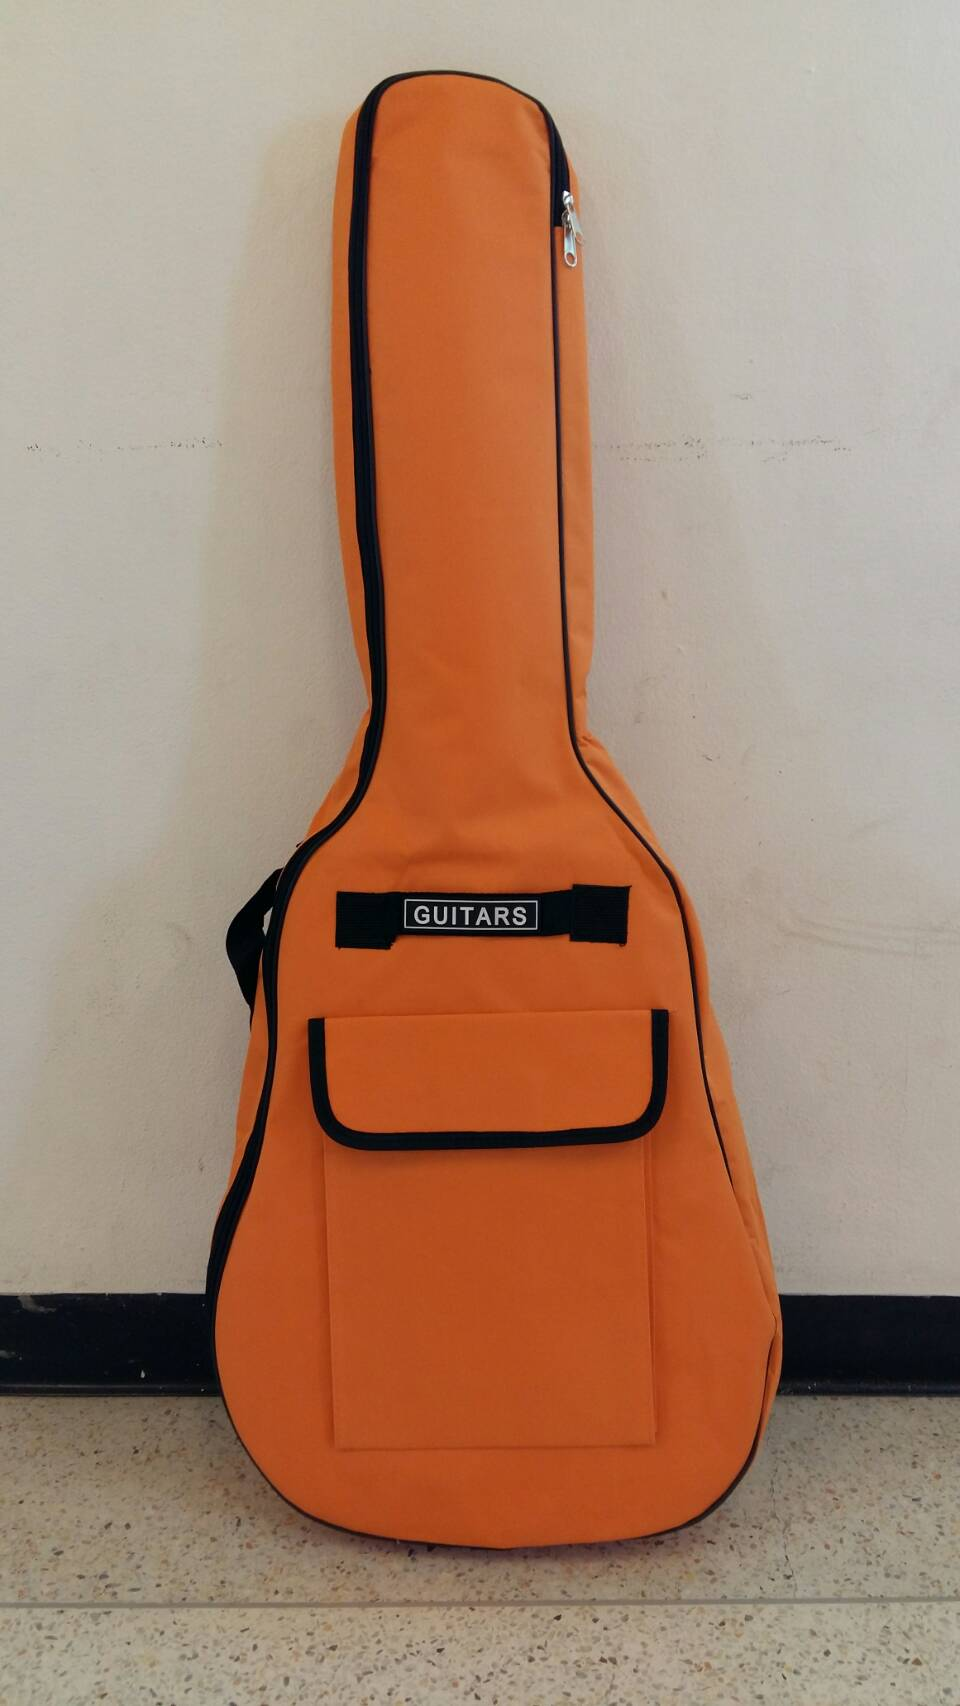 กระเป๋ากีตาร์บุฟองน้ำ สีส้ม ขนาด 41 นิ้ว